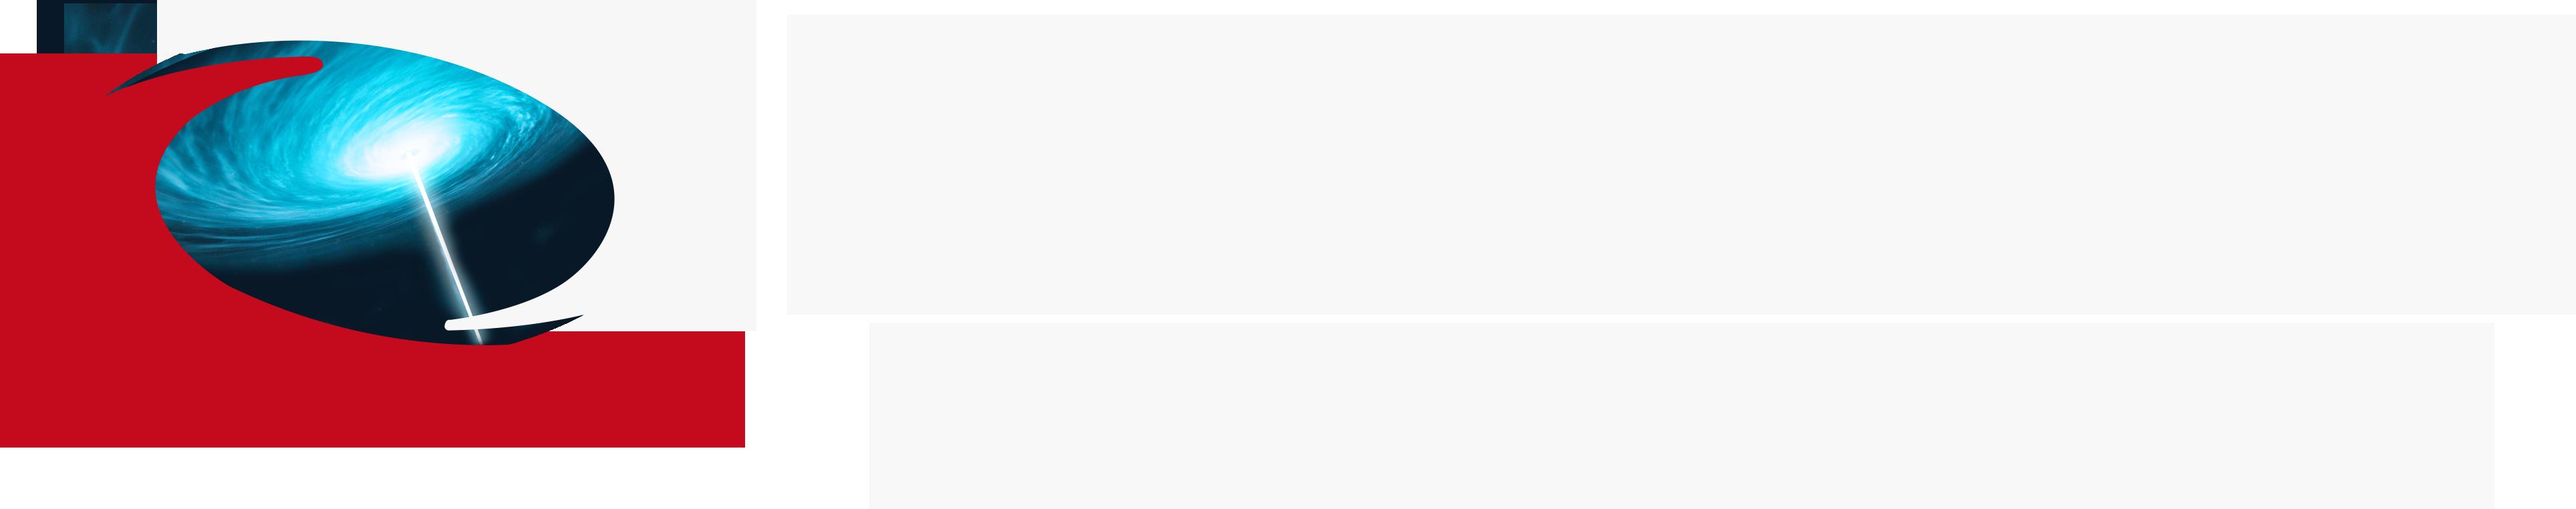 Quasar Sim Racing